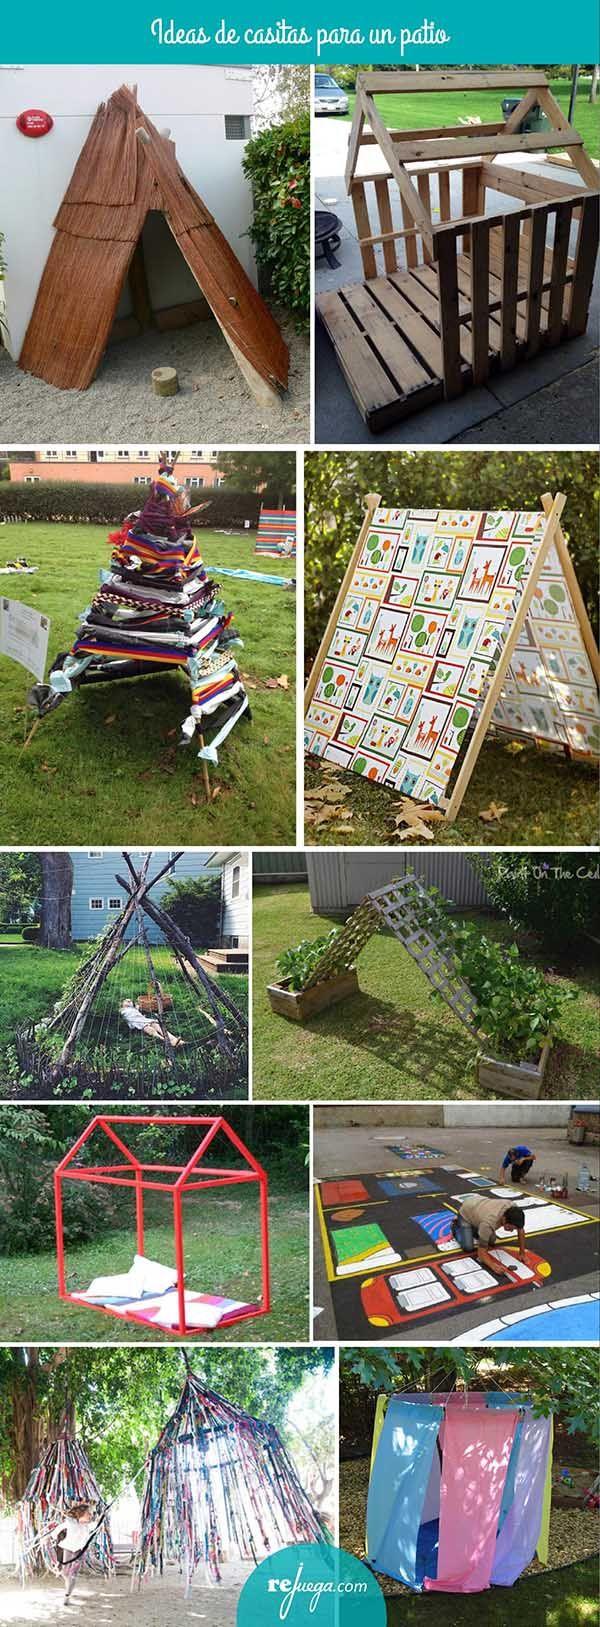 Ideas de casitas y cabañas para un patio de escuela